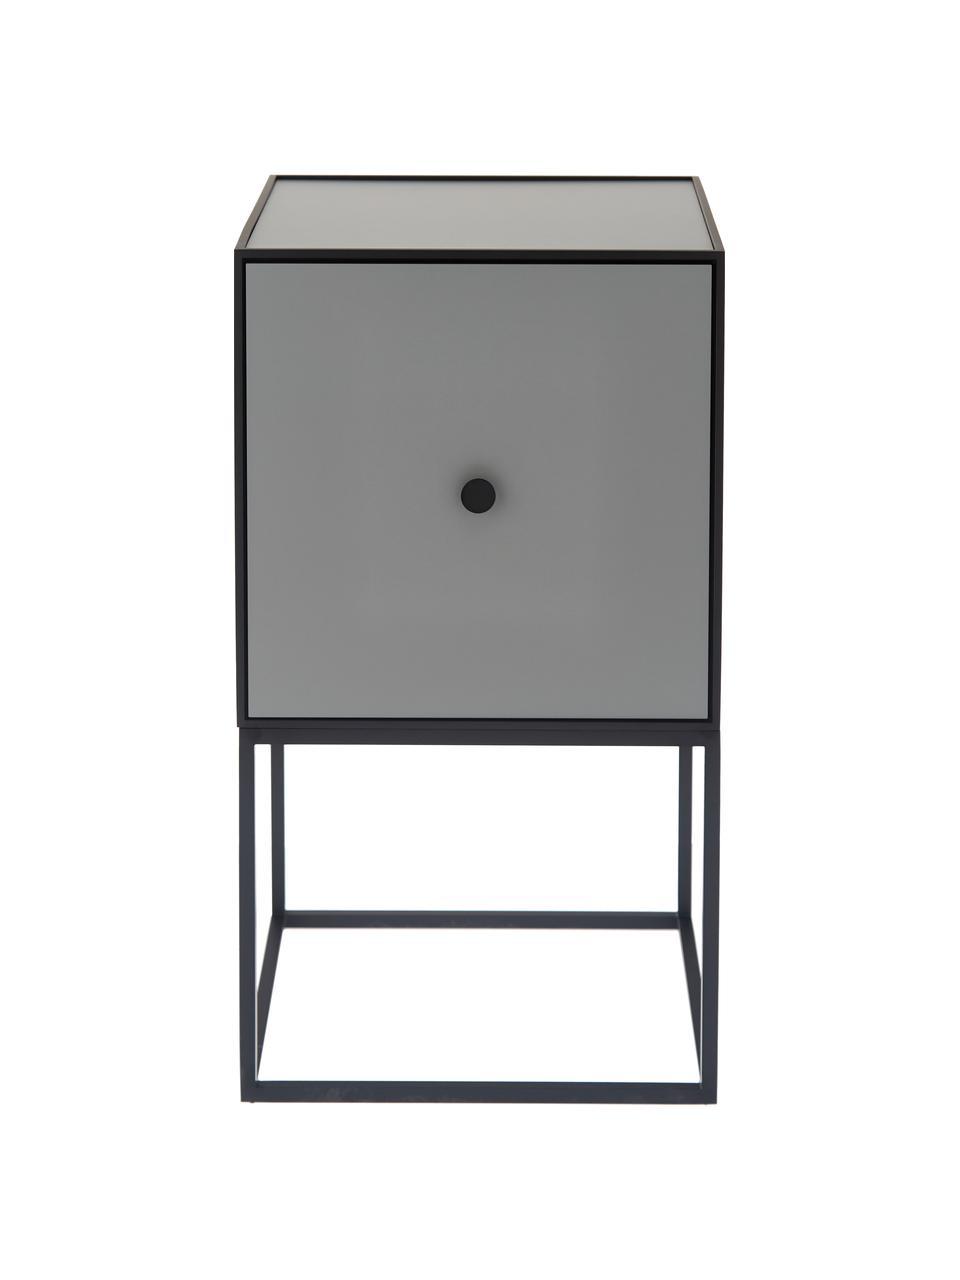 Grijs design nachtkastje Frame, Frame en omlijsting: zwart. Kast: donkergrijs, 35 x 63 cm